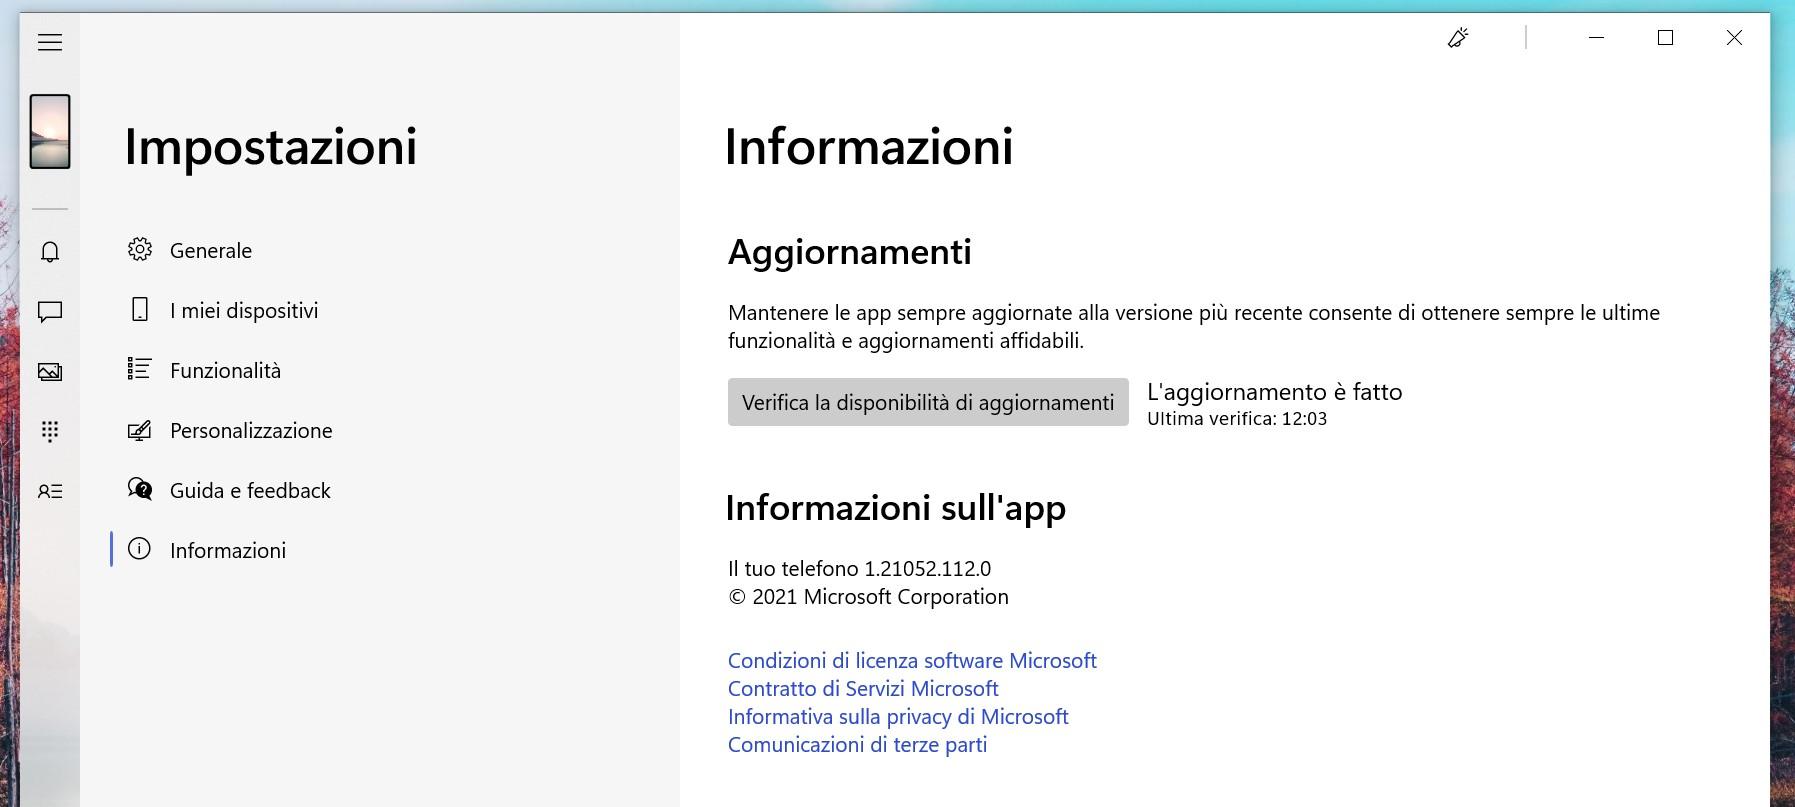 Il tuo telefono (Your Phone) per Windows - Verifica disponibilità aggiornamenti